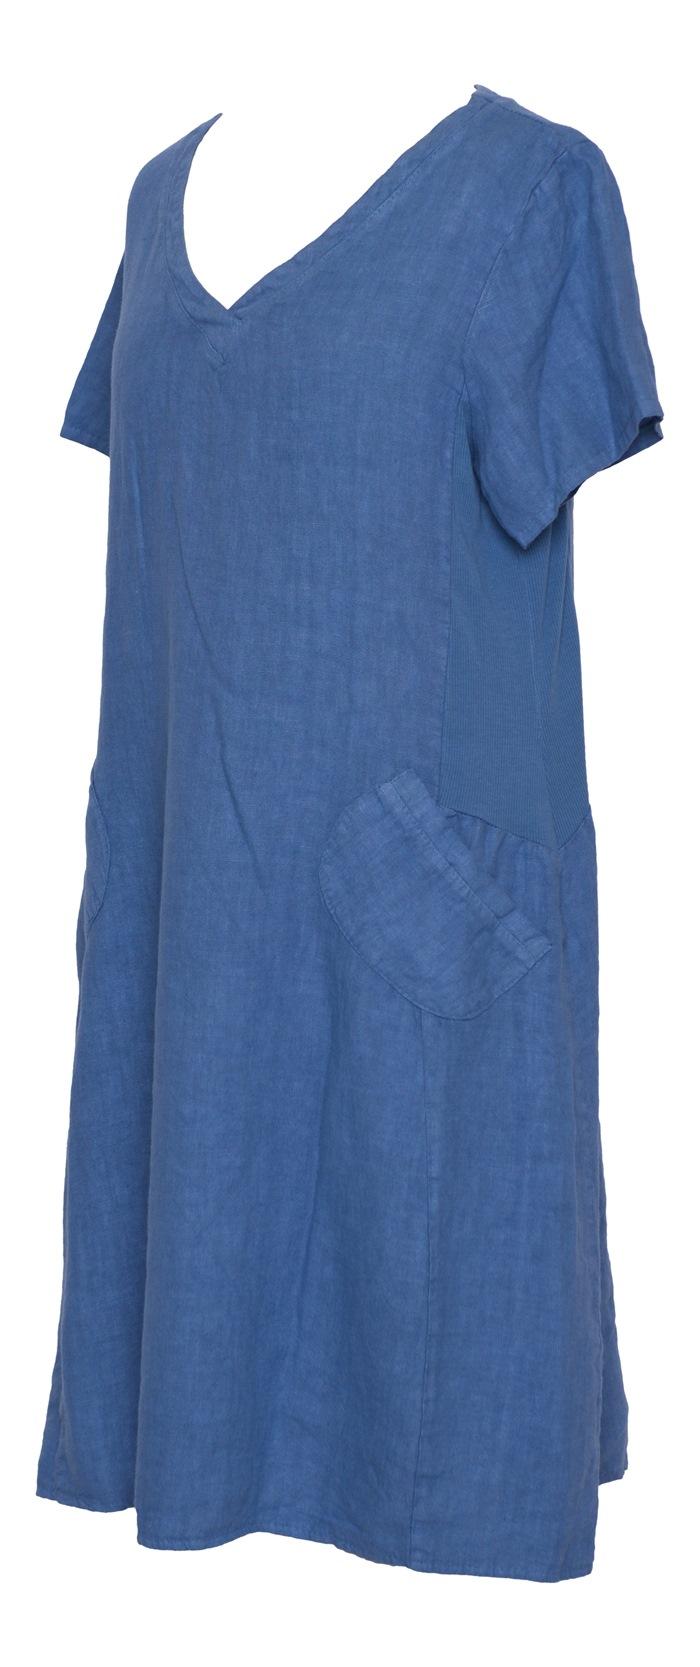 Kort hørkjole, Blå